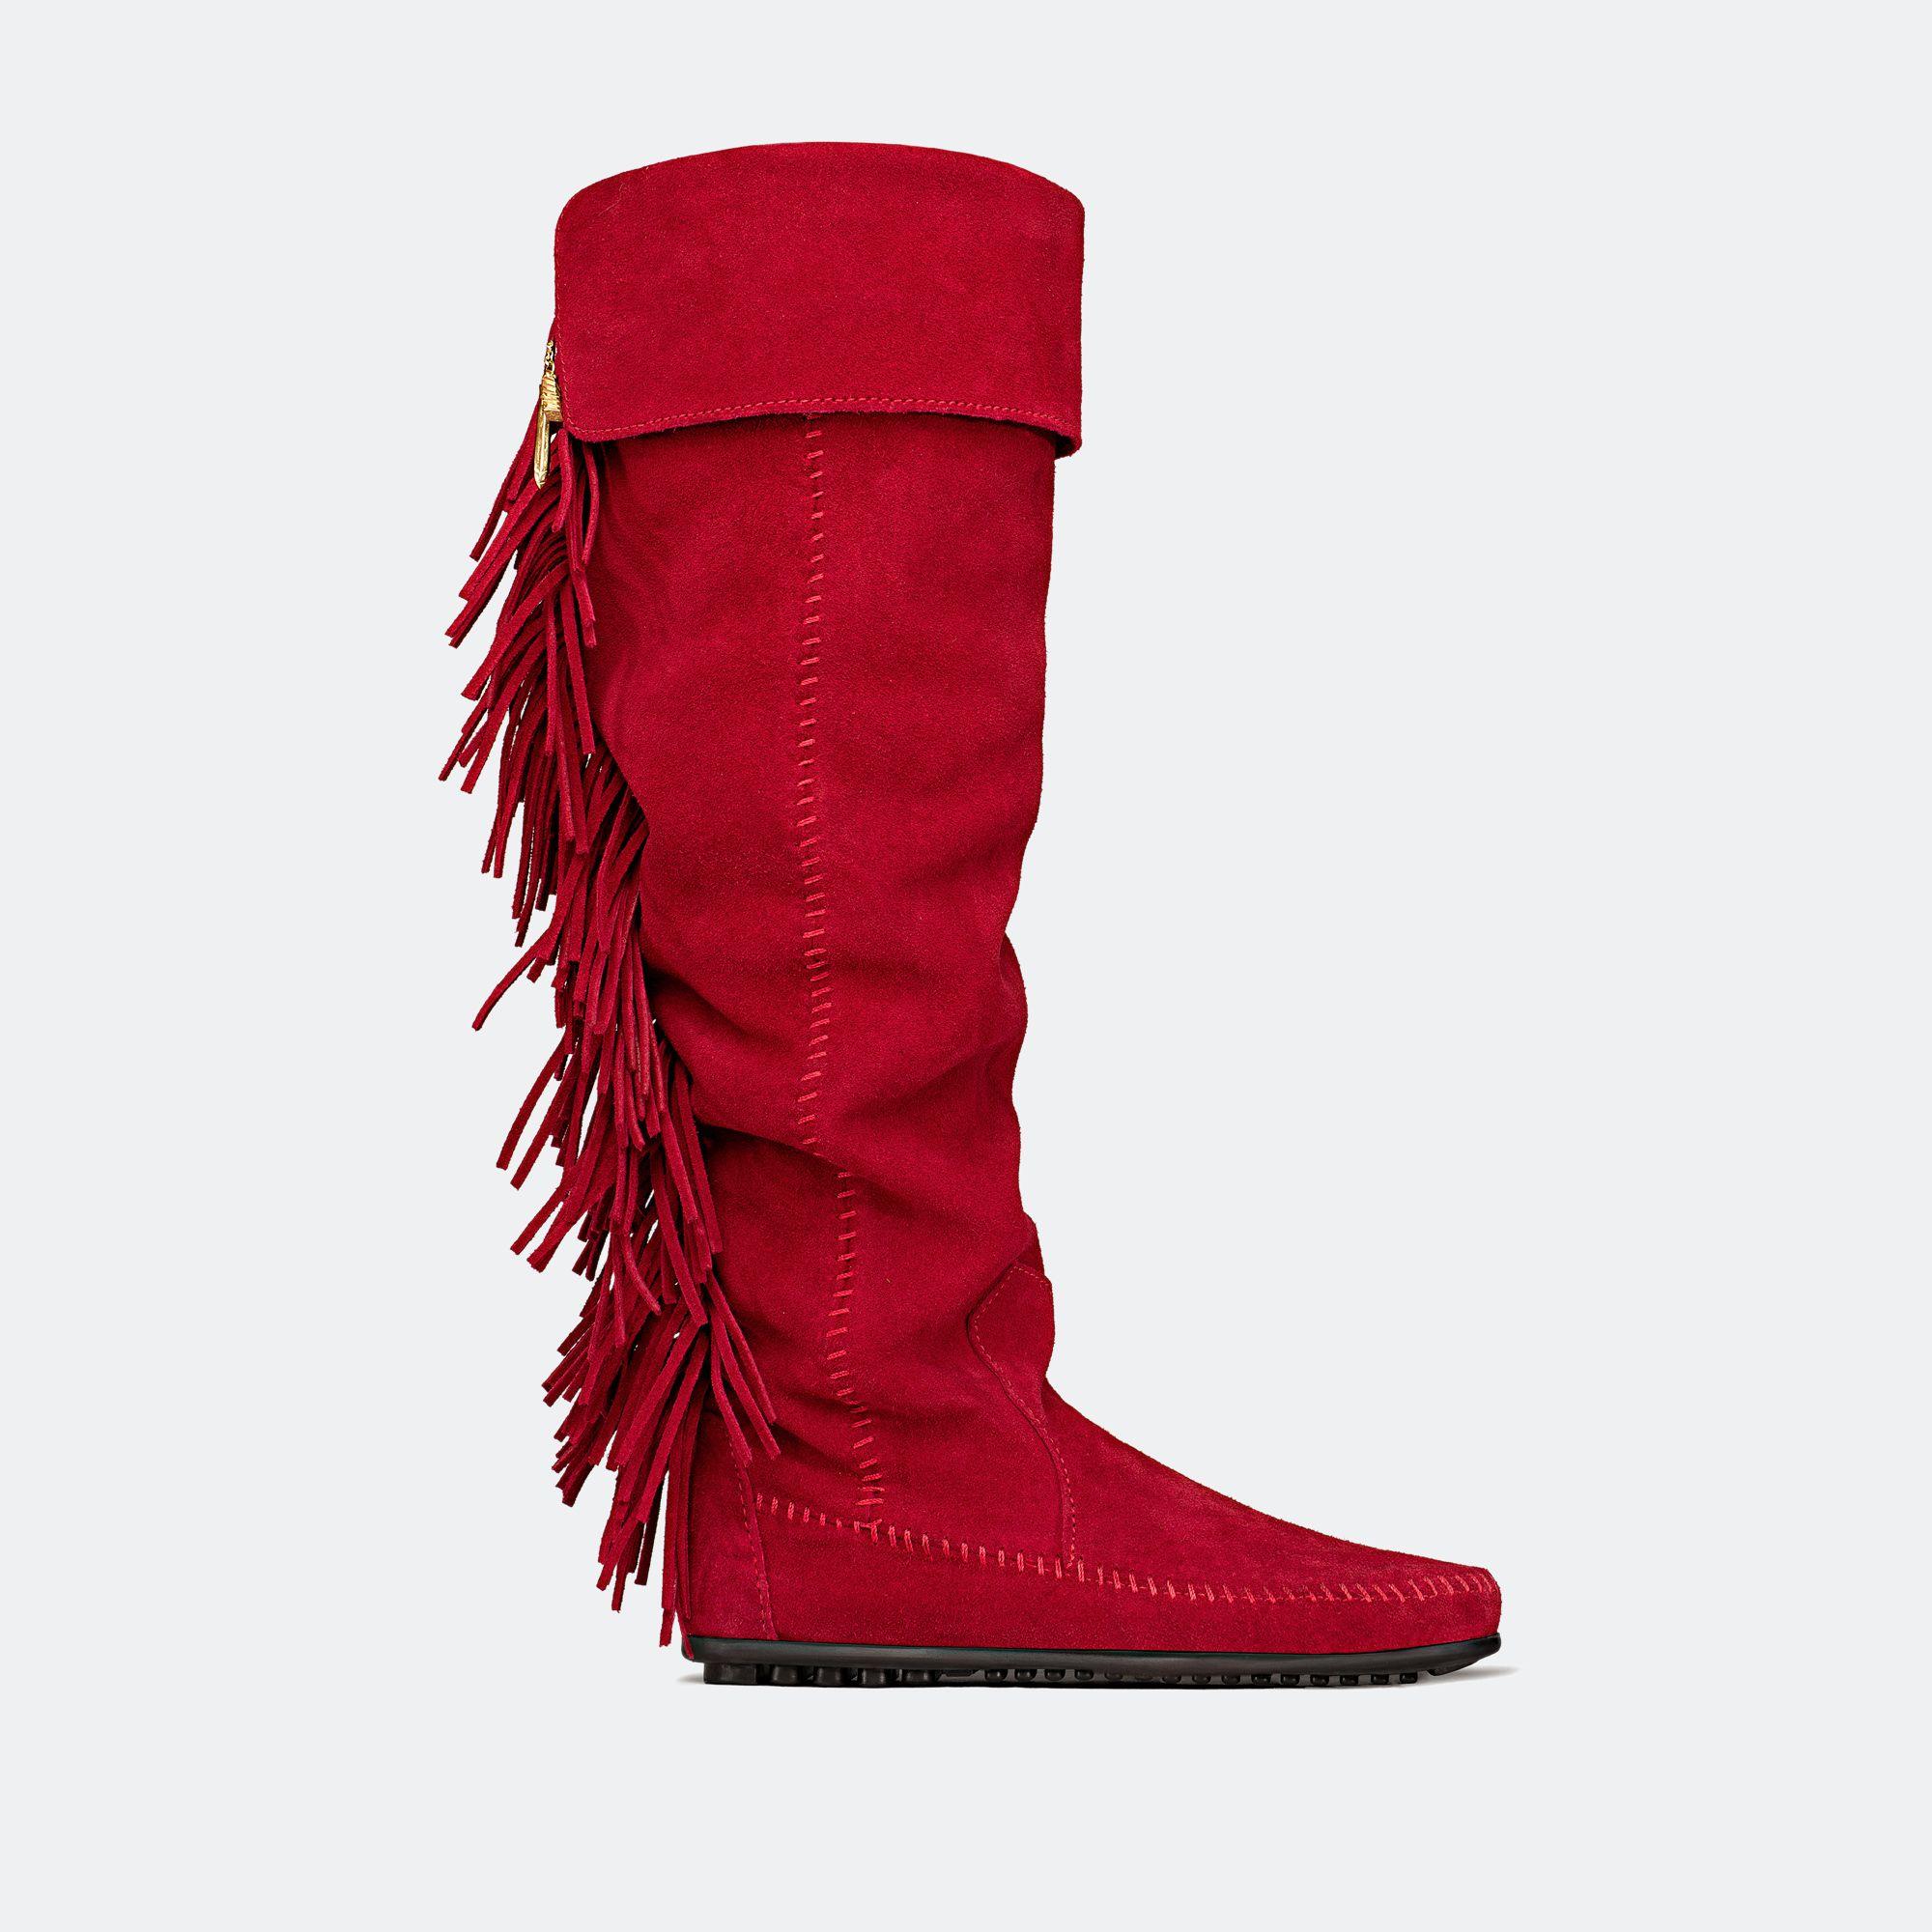 """bottes cuissardes ROUGES à franges """"TOTEM"""" minnetonka X Maje 269€ - AVIS aux porteuses de """"GROS MOLLETS"""" comme moi : elles me VONT !!! les doigts dans le nez ! et sont SUBLIMES !!!!!!!!!!!!"""